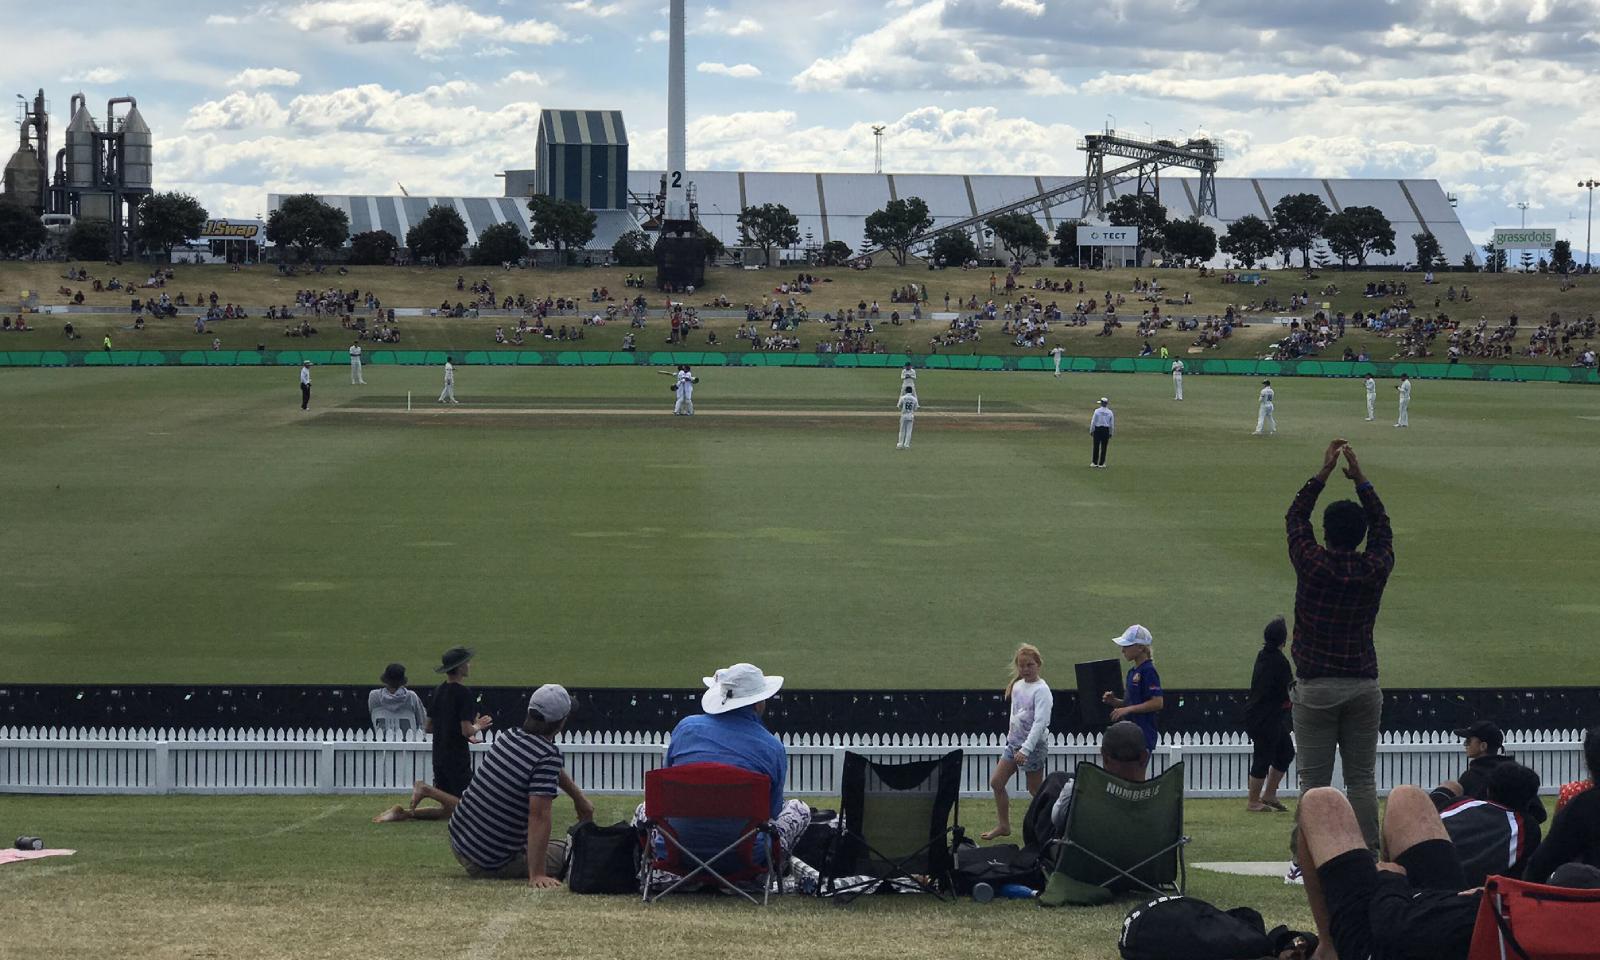 میدان میں تماشائی بھی موجود تھے—فوٹو: بلیک کیپس ٹوئٹر